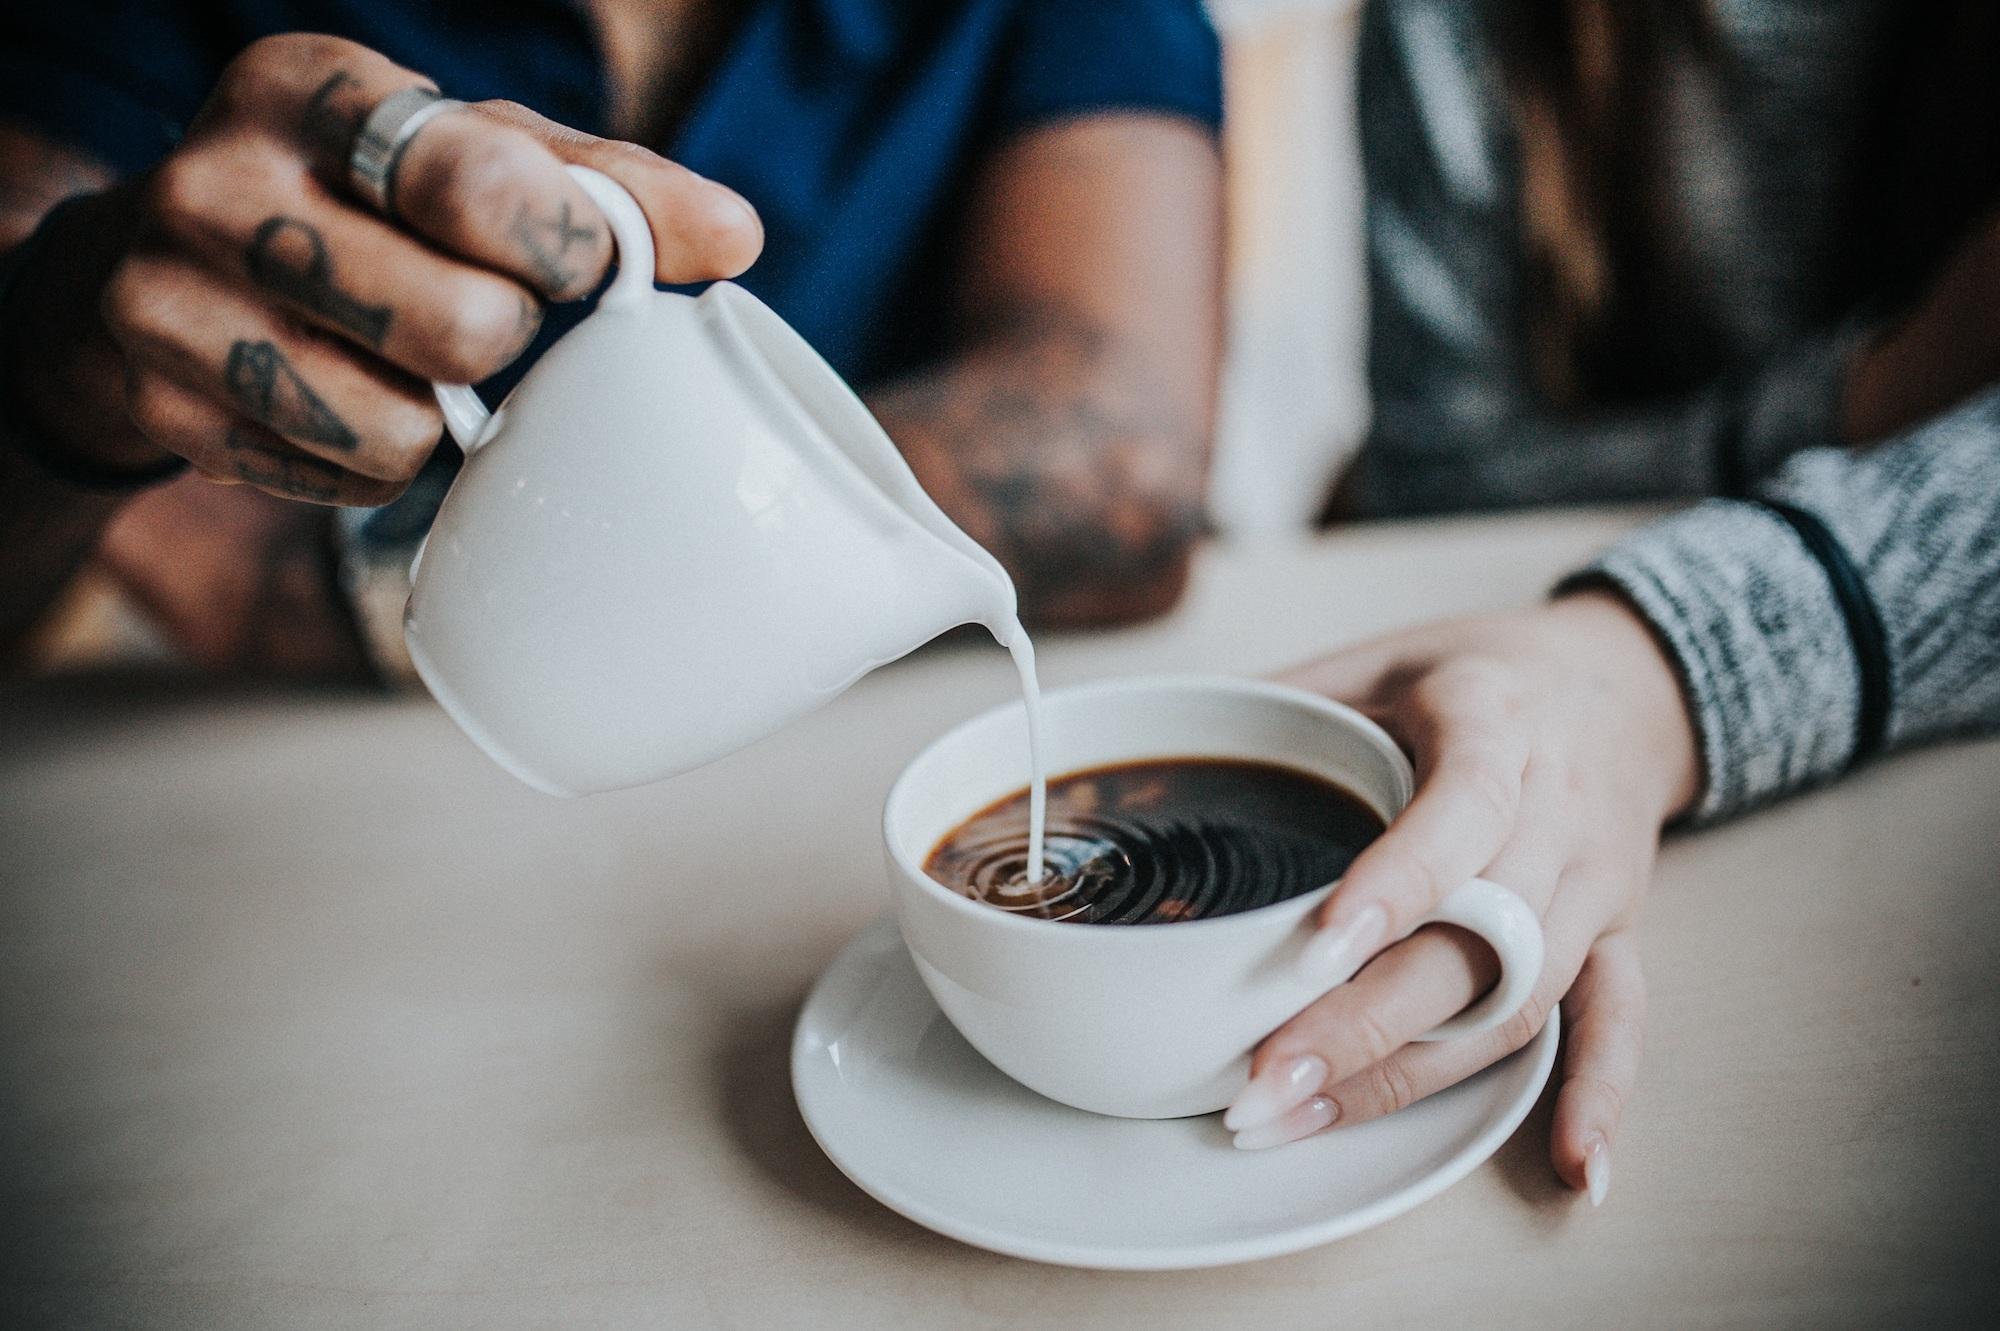 Hogyan készíts otthon tökéletes kávét?